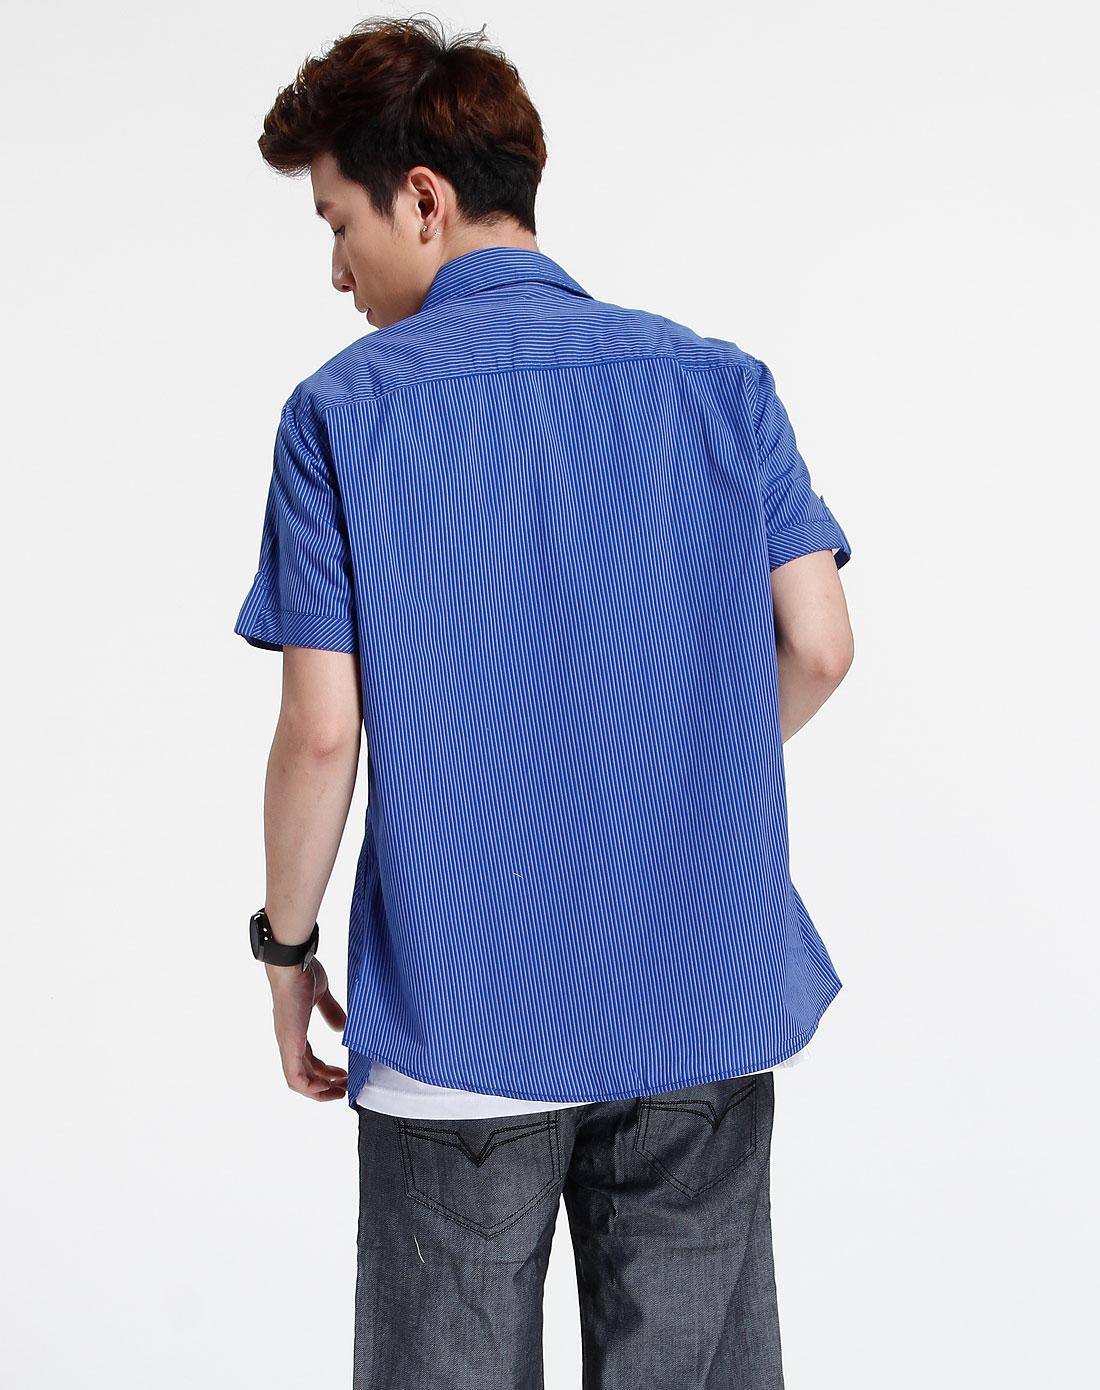 森马-男装-蓝色时尚条纹短袖衬衫图片